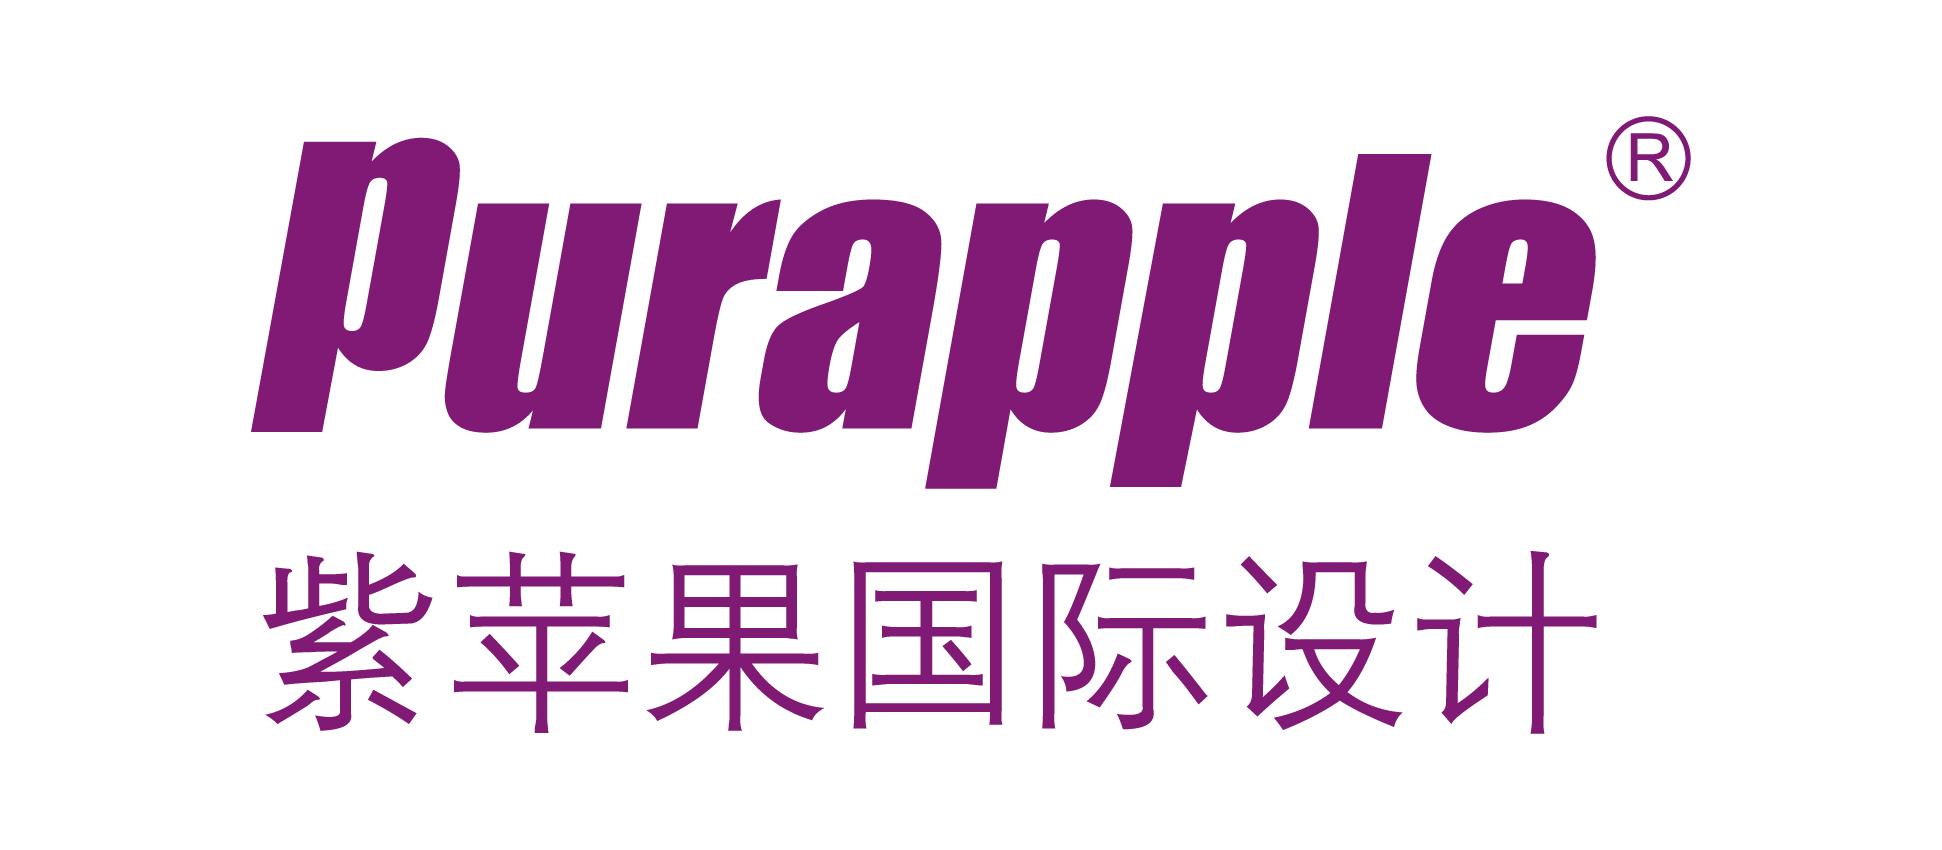 无锡紫苹果装饰工程有限公司